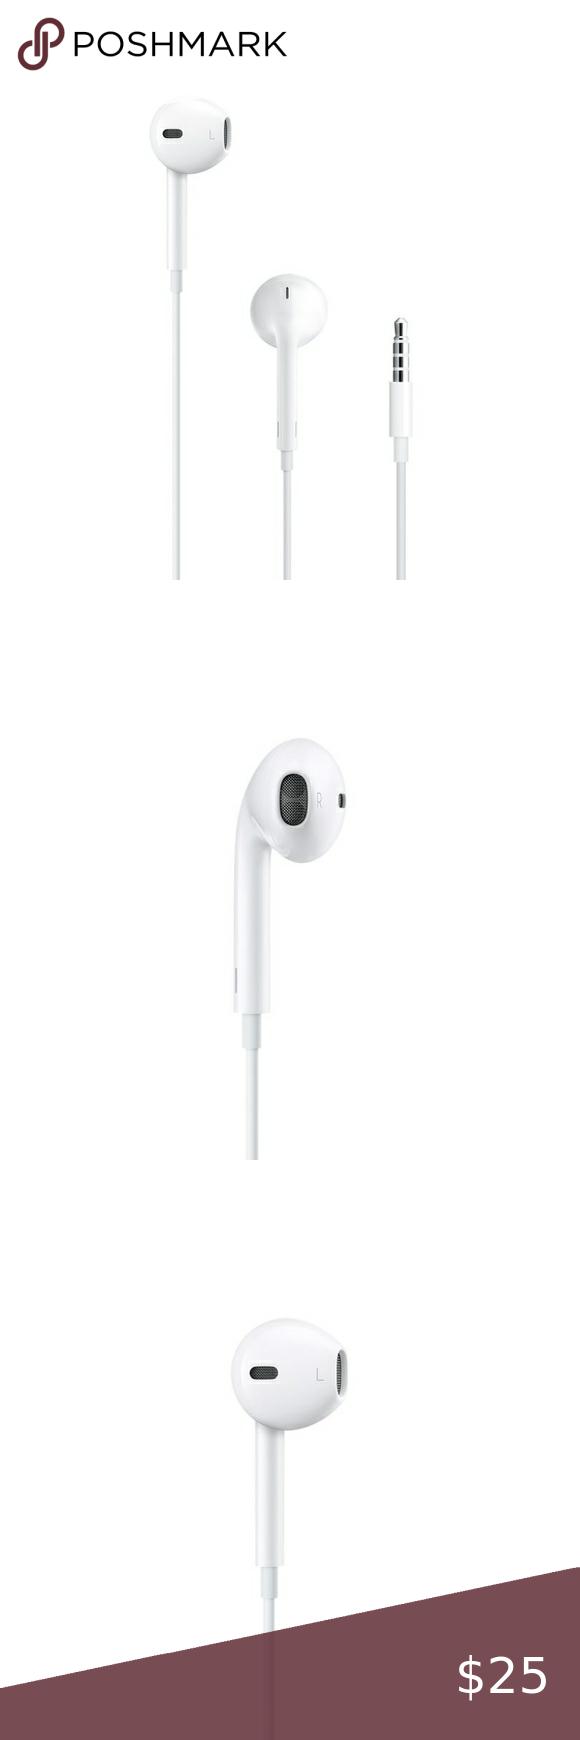 Apple Earpods With 3 5mm Headphone Plug Headphone Apple Plugs